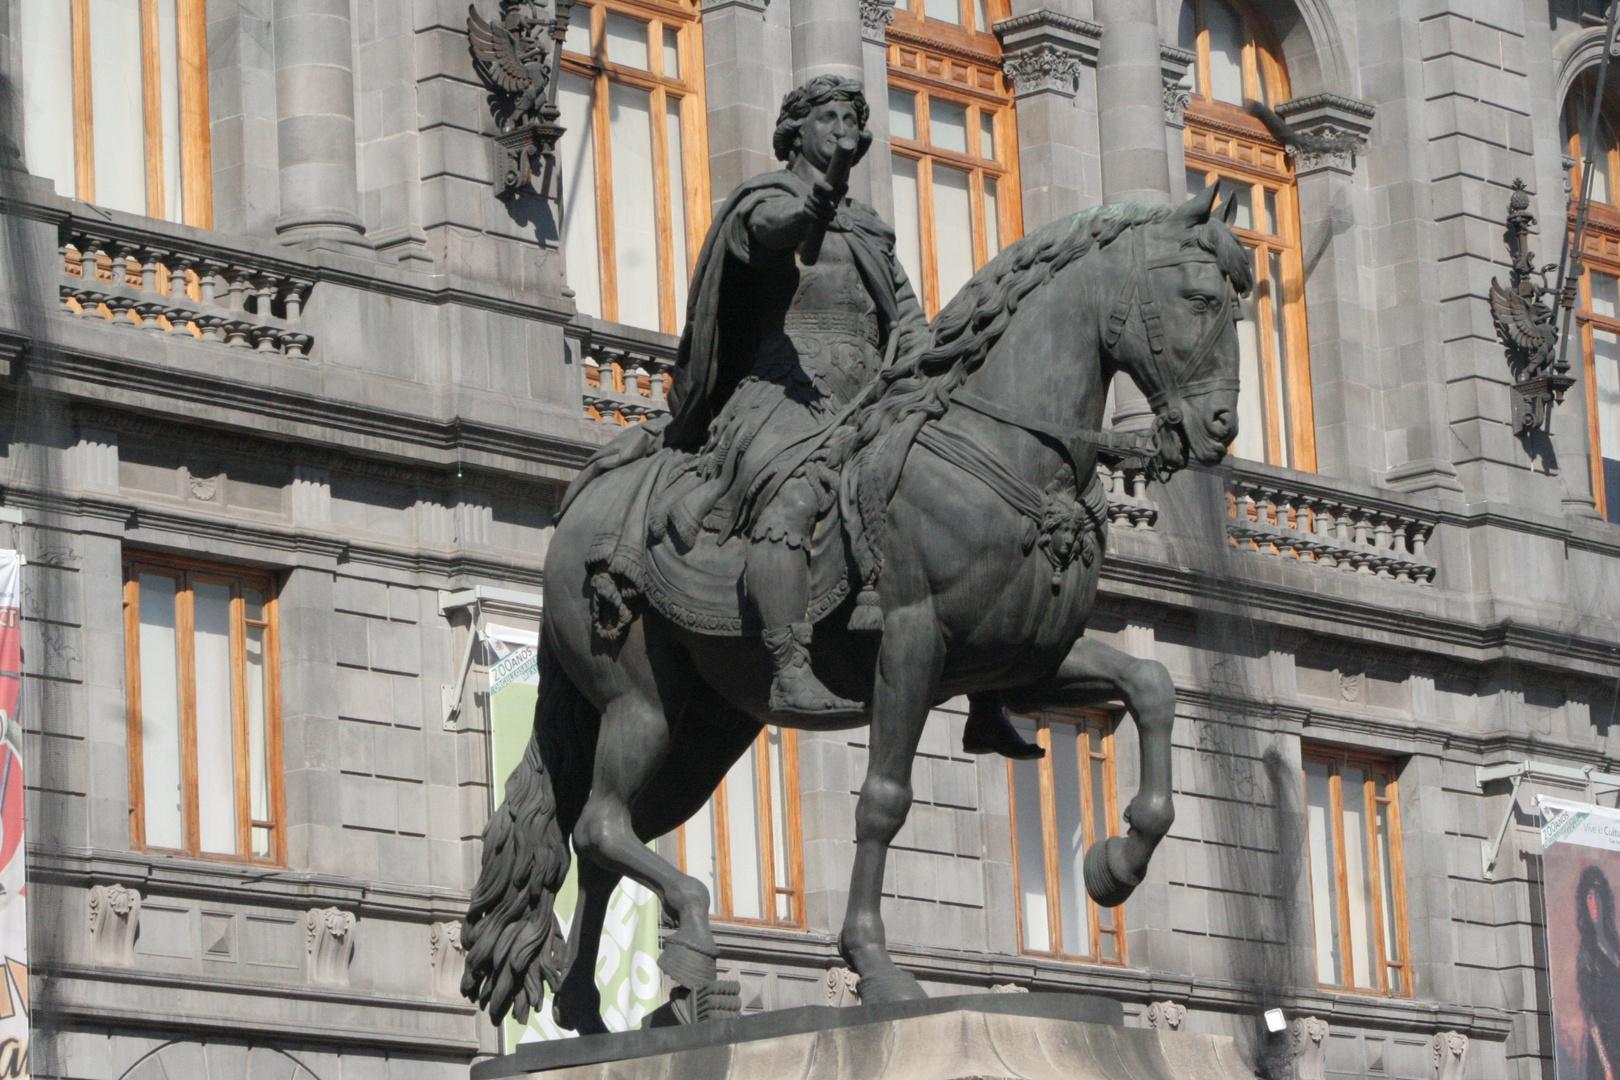 El caballito Centro Historico Cd. de Mexico